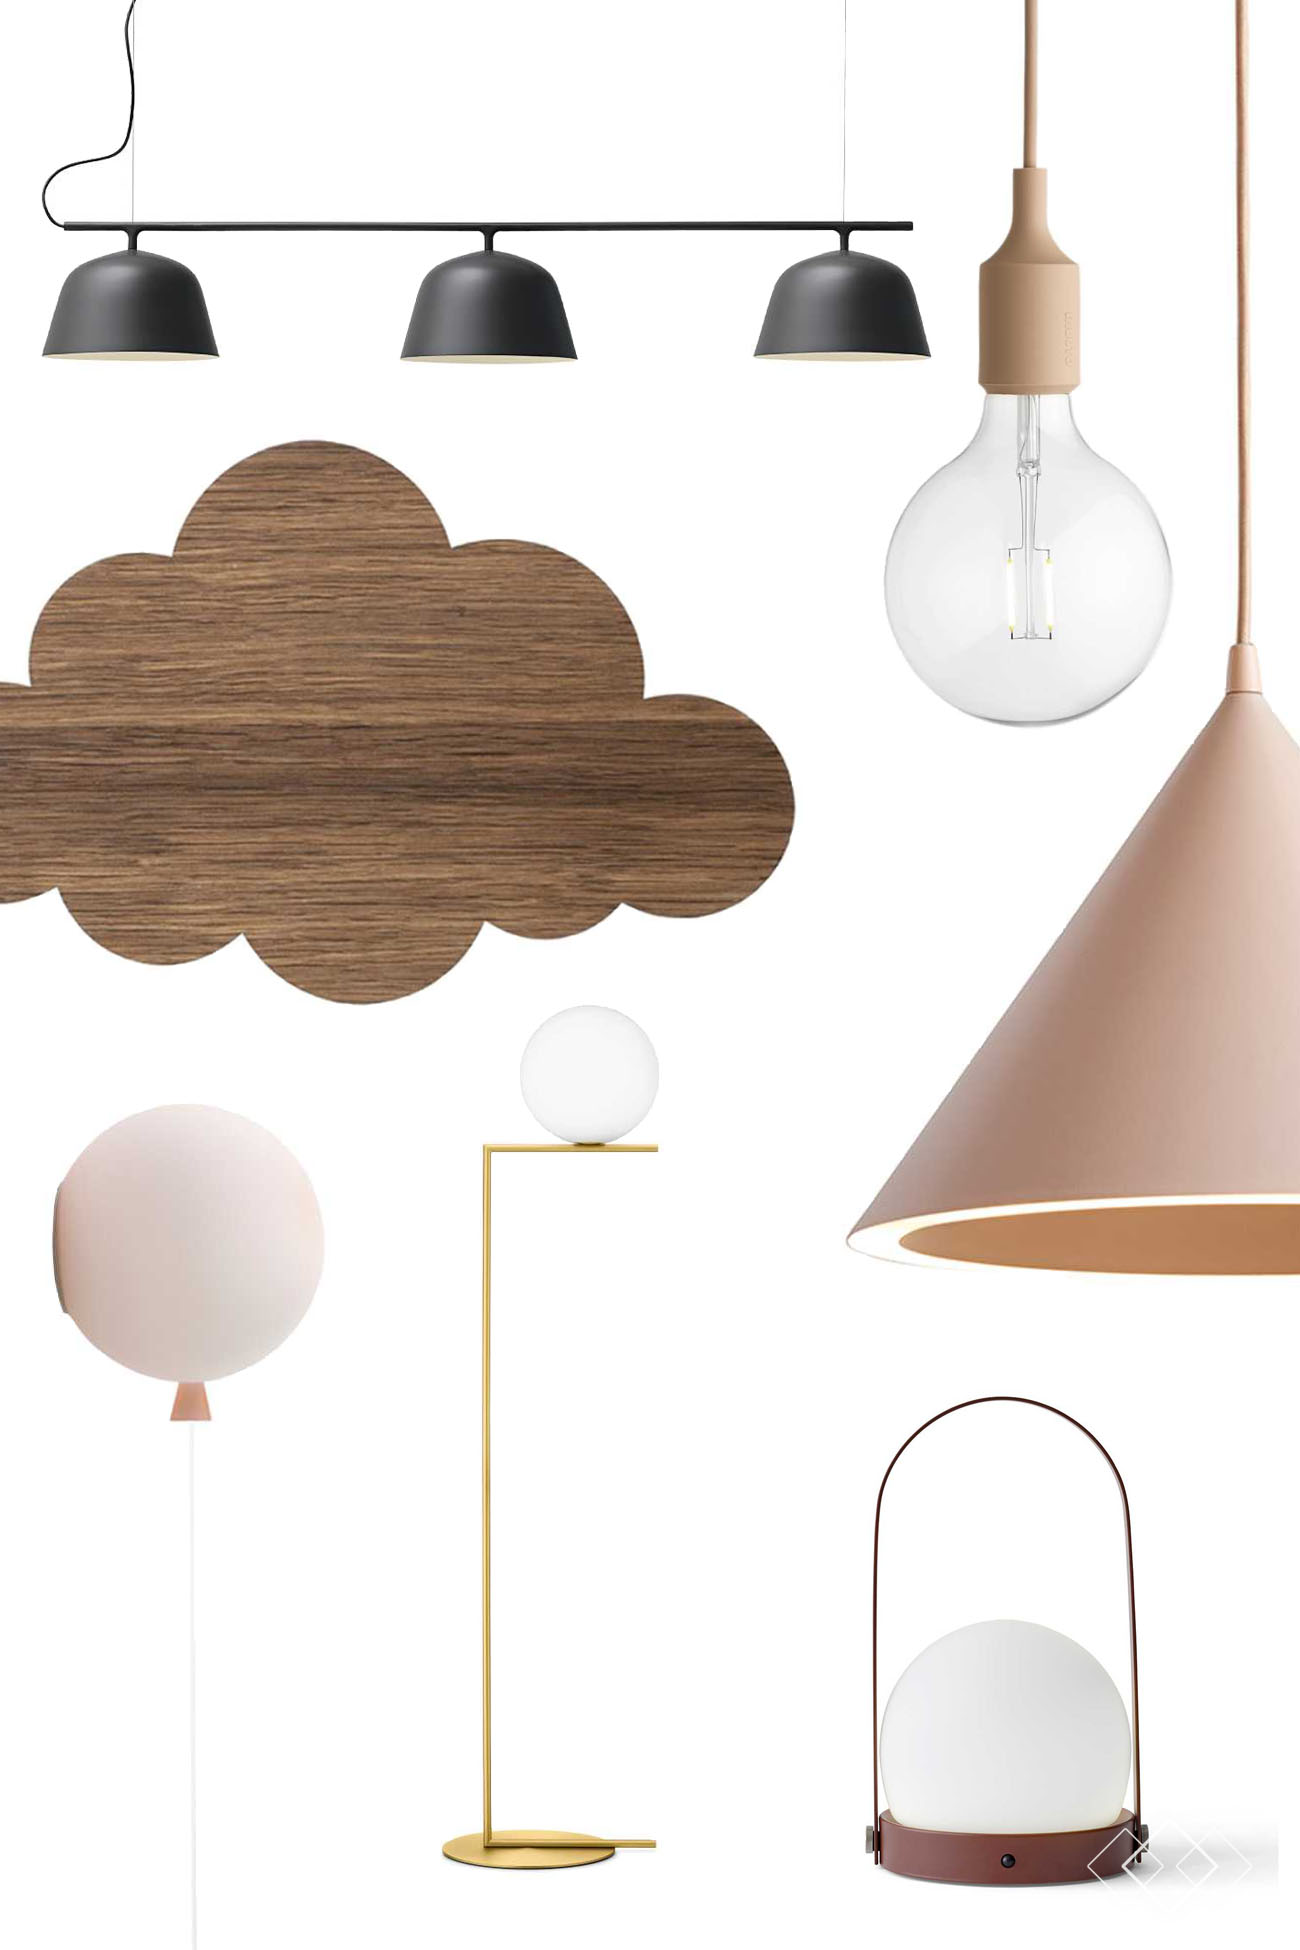 designverlichting-collage